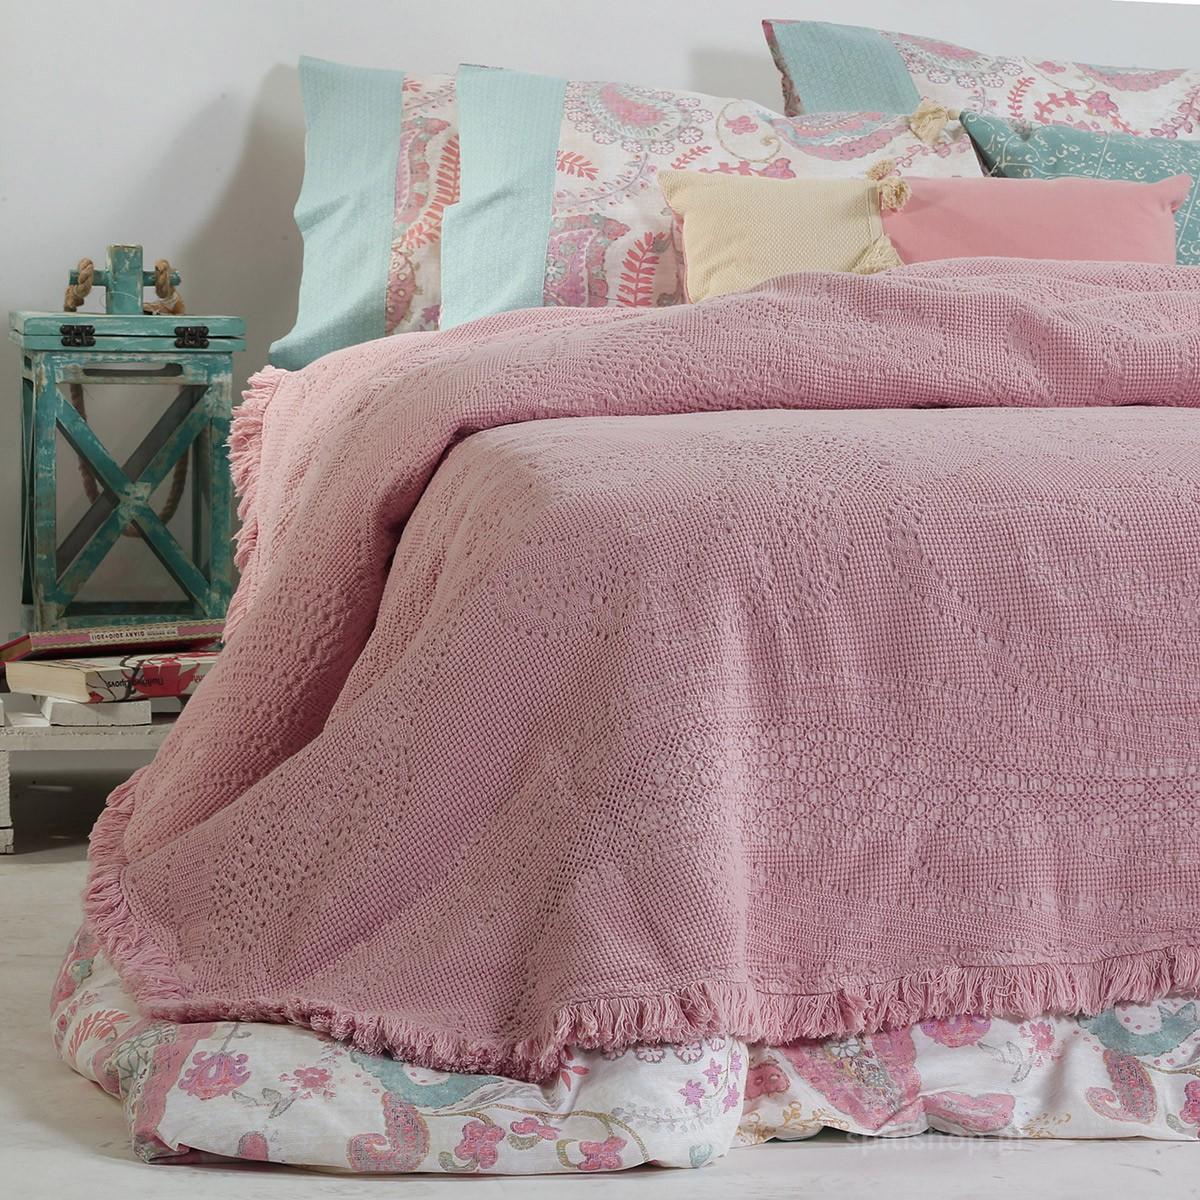 Κουβερτόριο Υπέρδιπλο Nef-Nef Elvira Pink home   κρεβατοκάμαρα   κουβέρτες   κουβέρτες καλοκαιρινές υπέρδιπλες